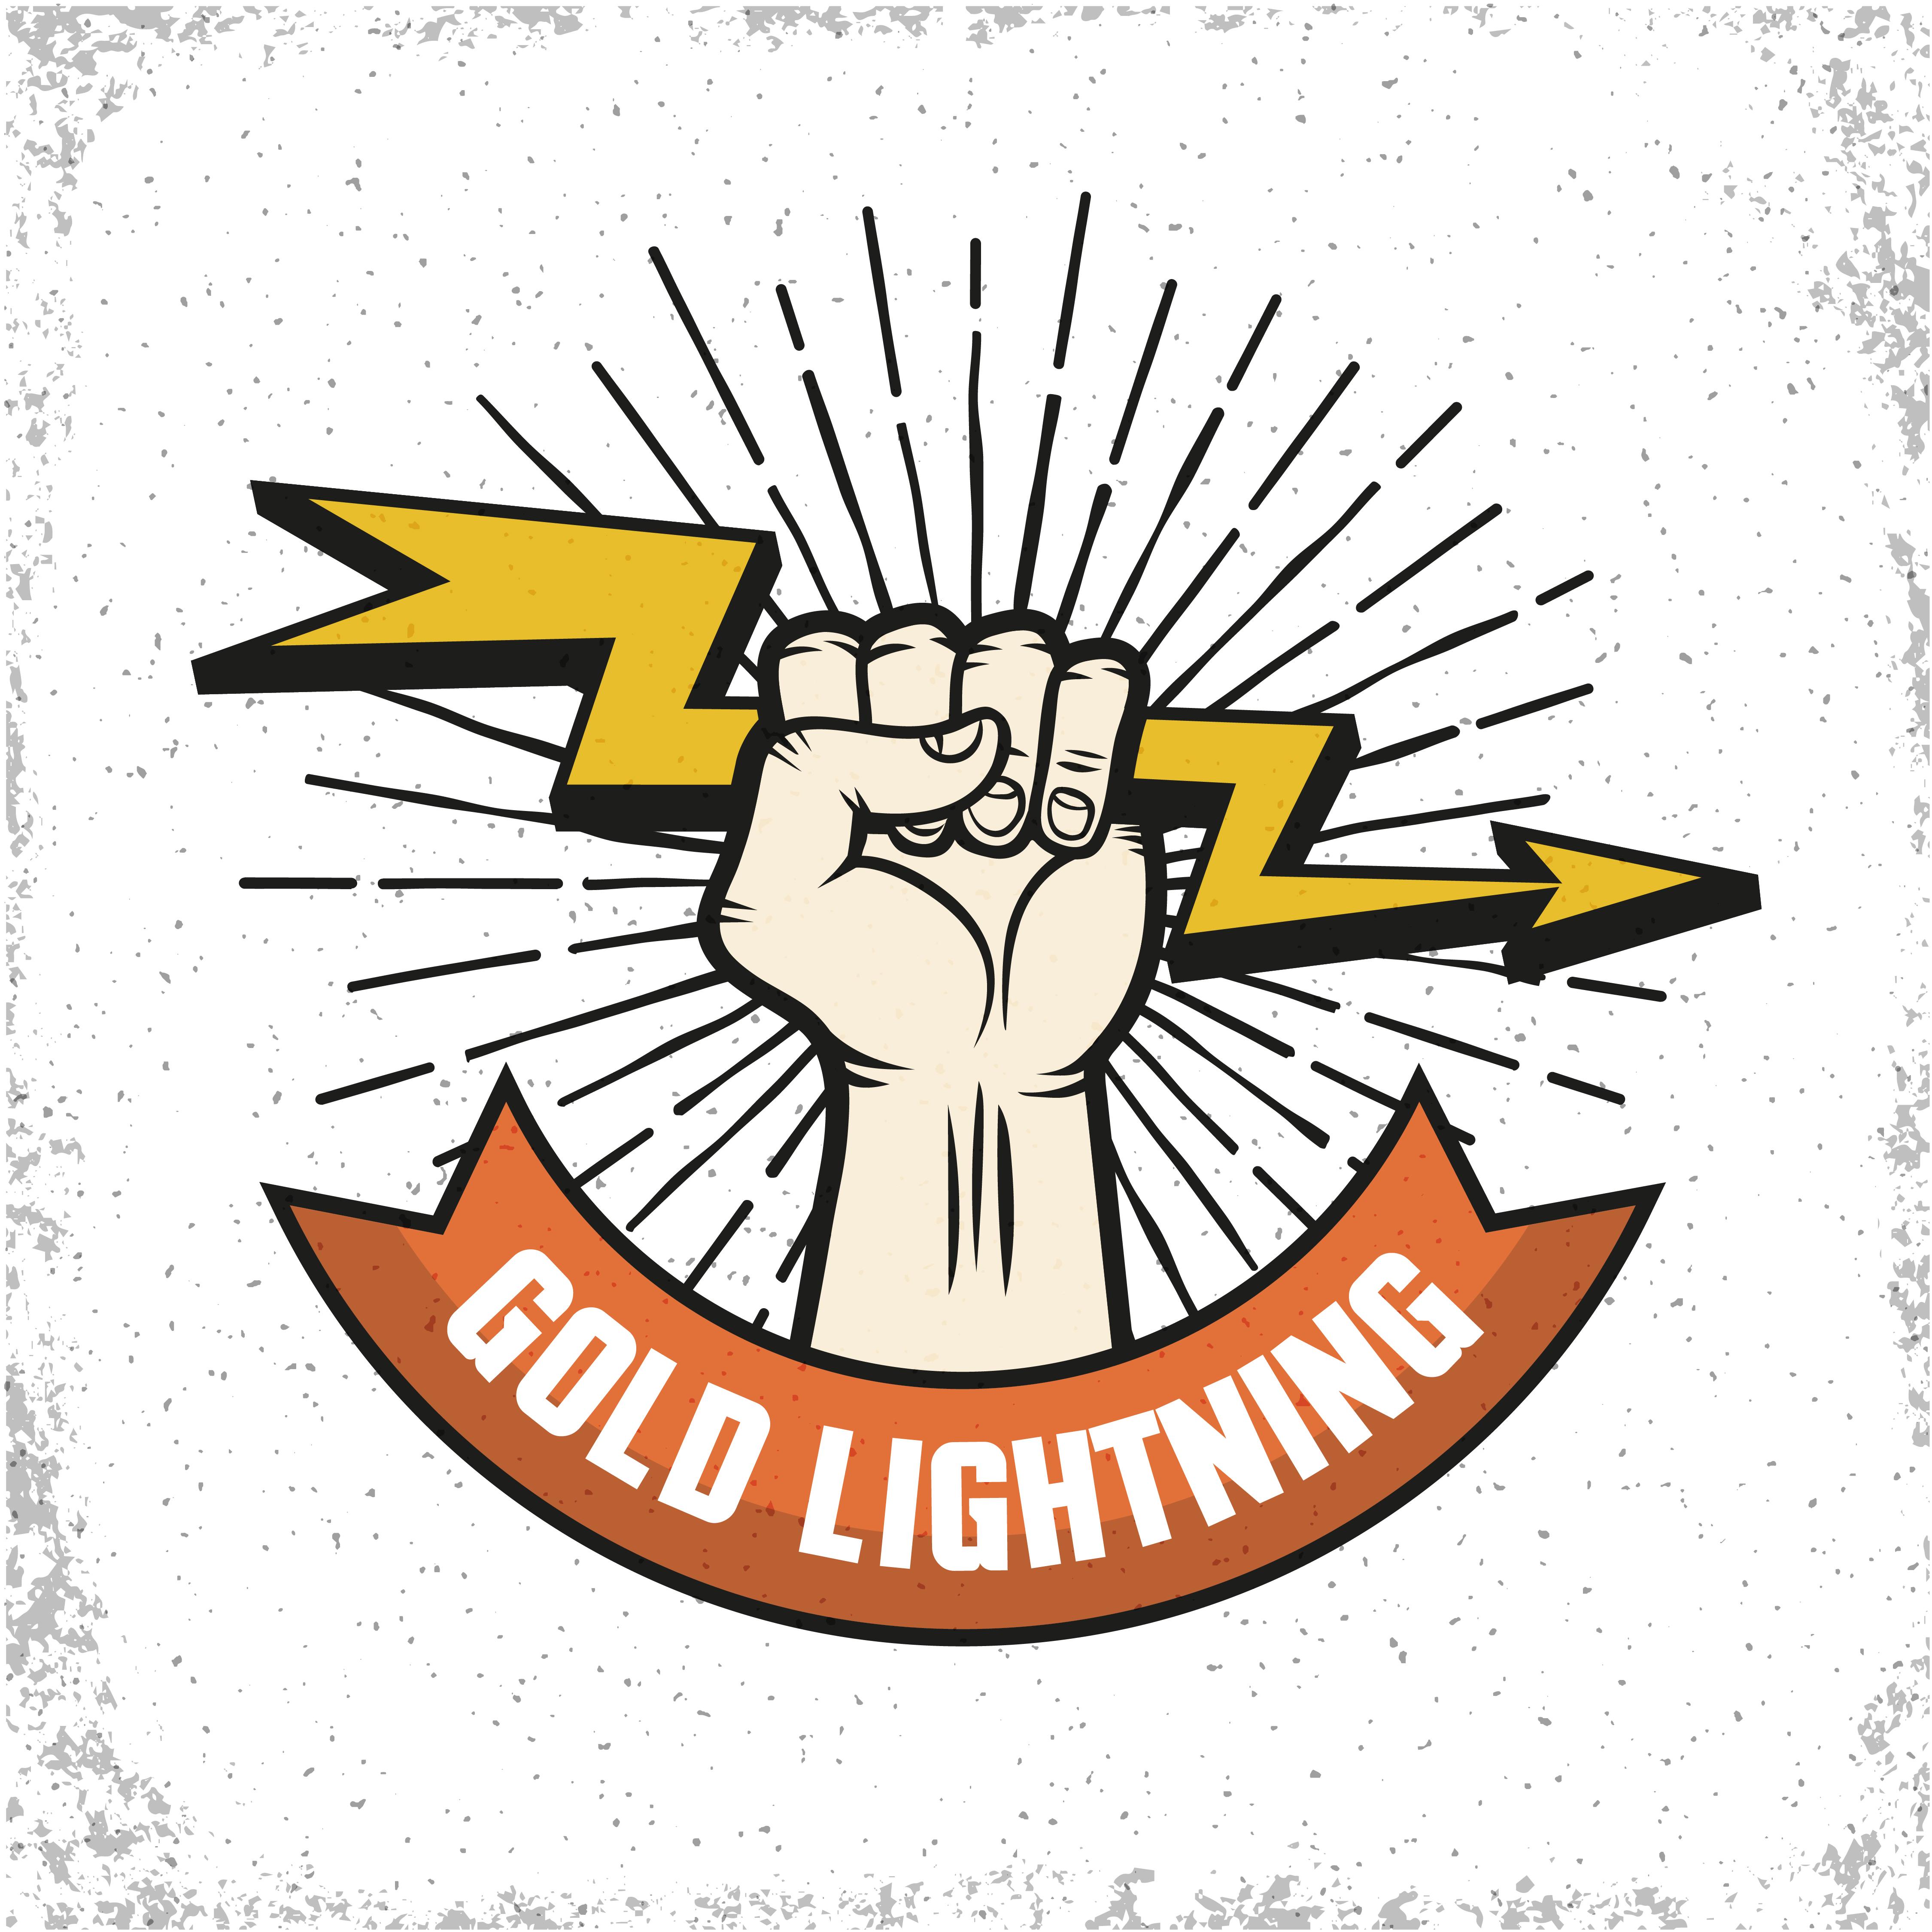 Lightning Logo Emblem - Download Free Vectors, Clipart ...